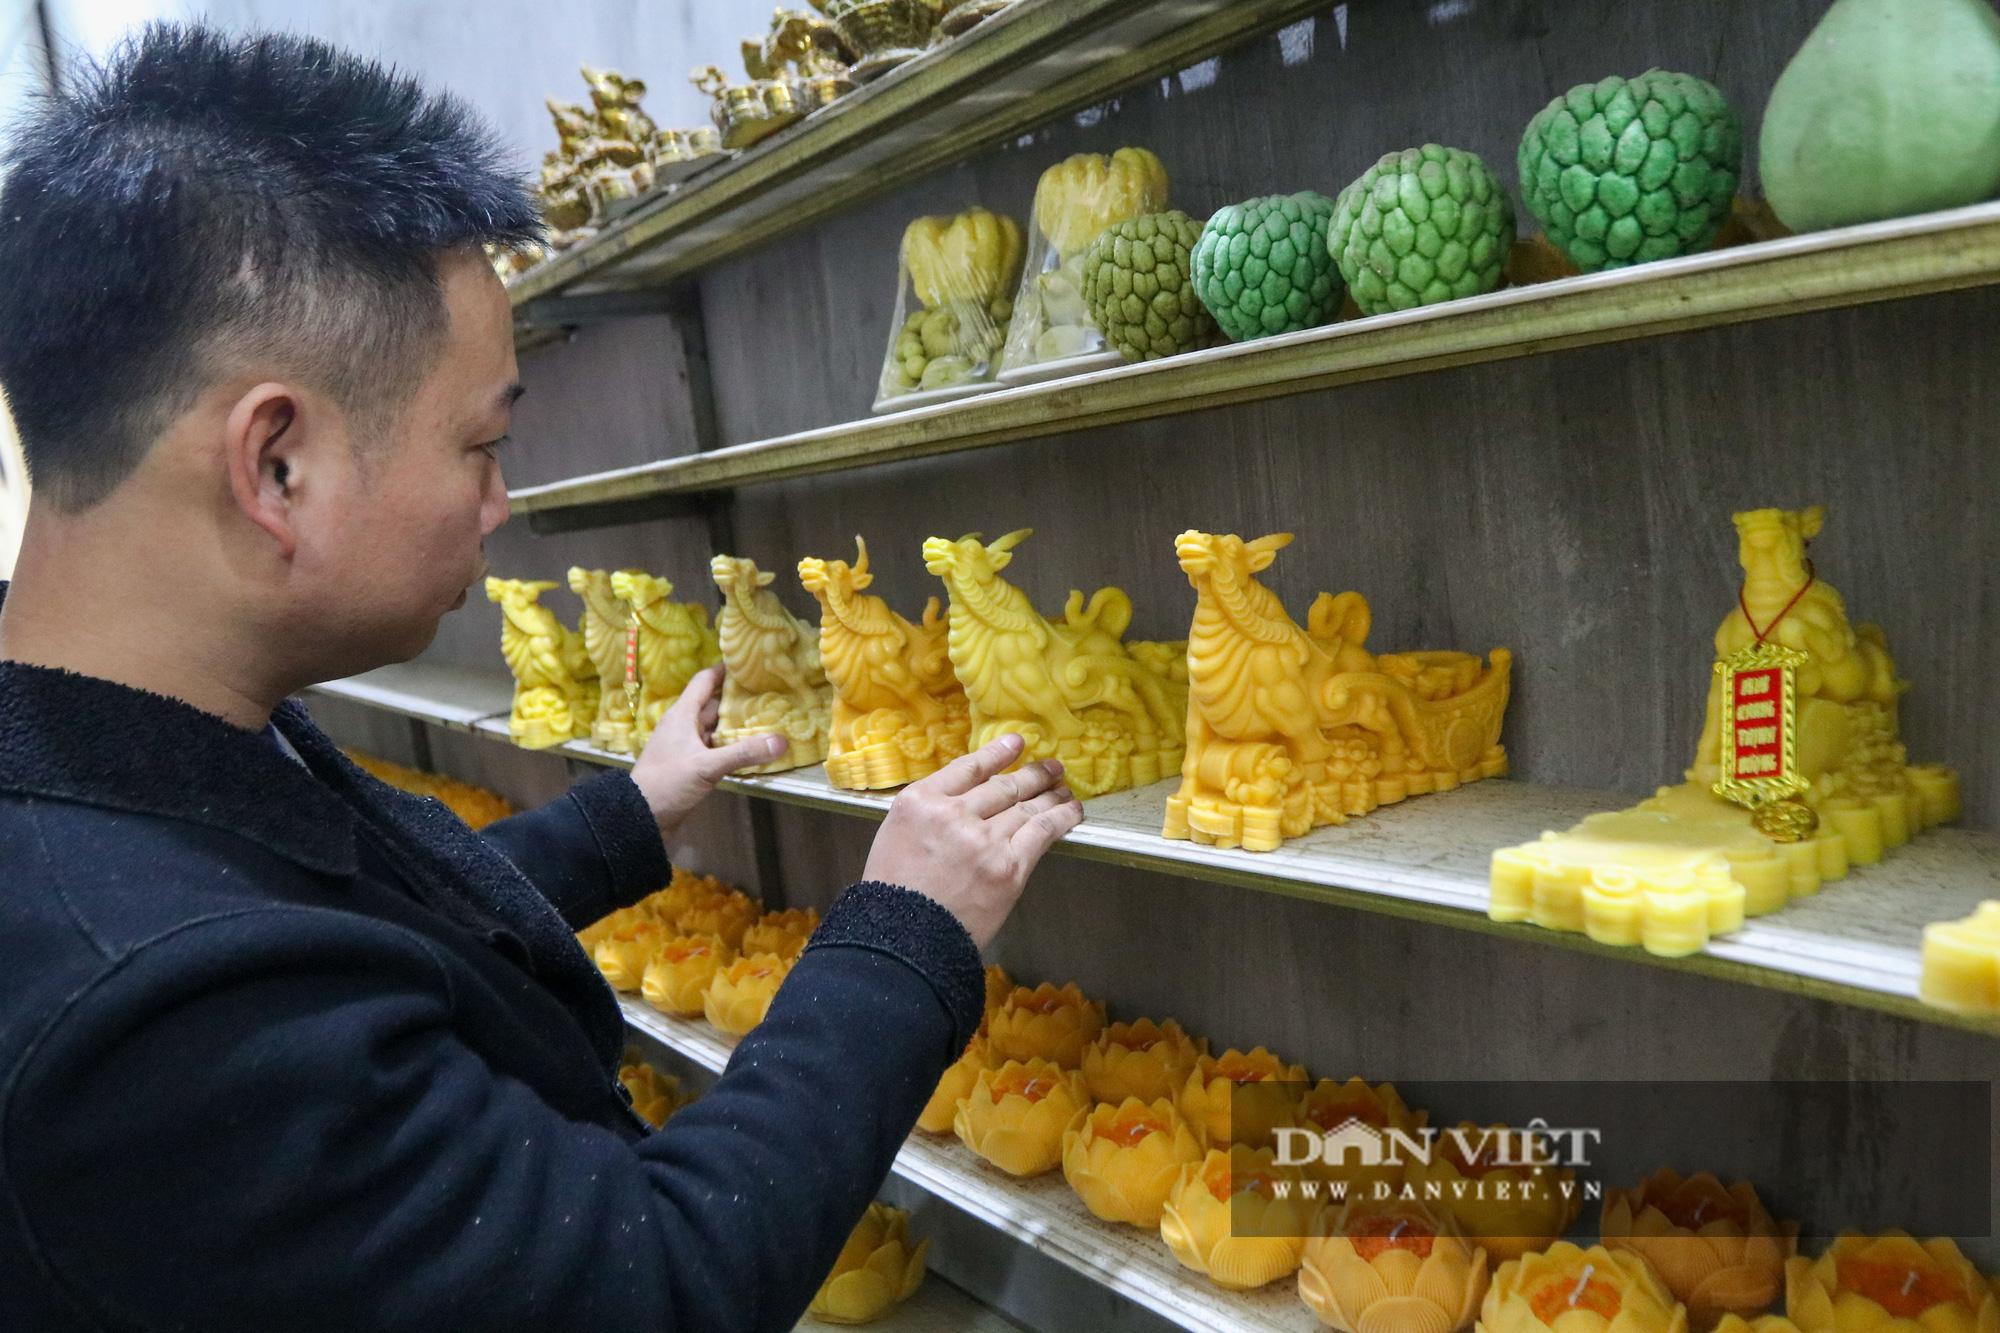 Độc đáo nến trâu vàng hút người mua chơi Tết Tân Sửu - Ảnh 11.